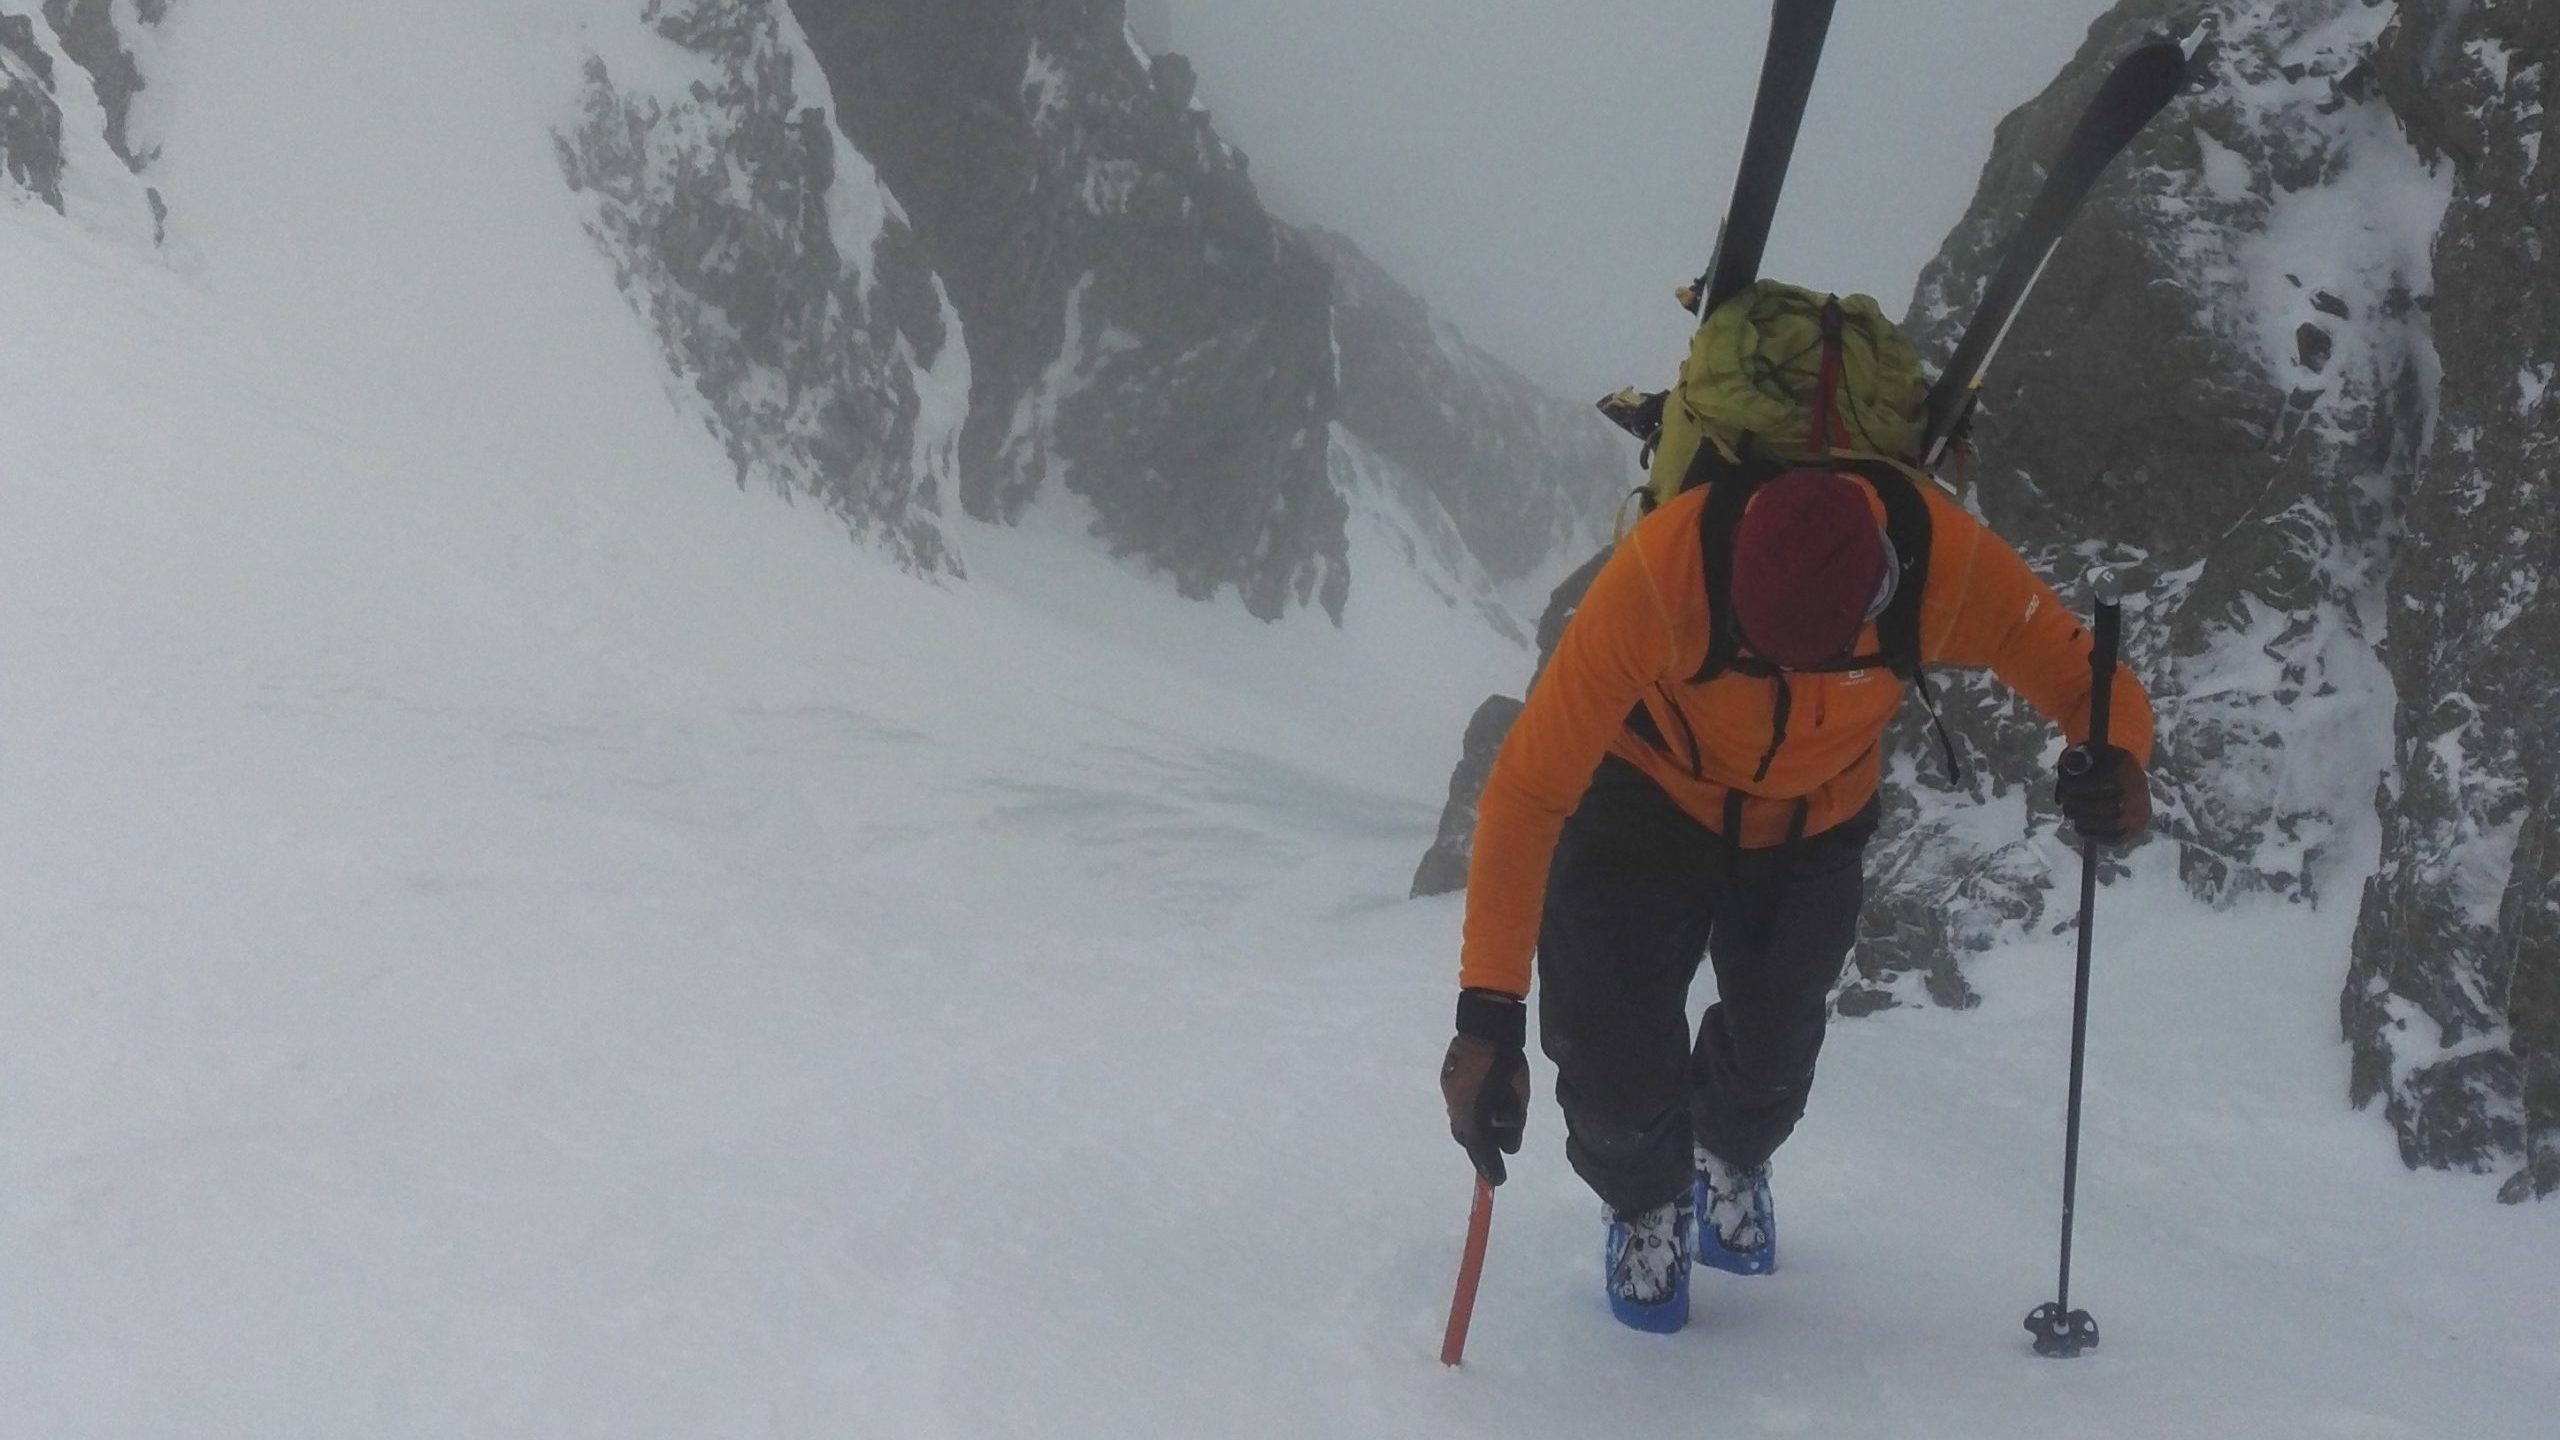 På vei opp Skogshornsrenna med skiene på sekken og øksen i hånden